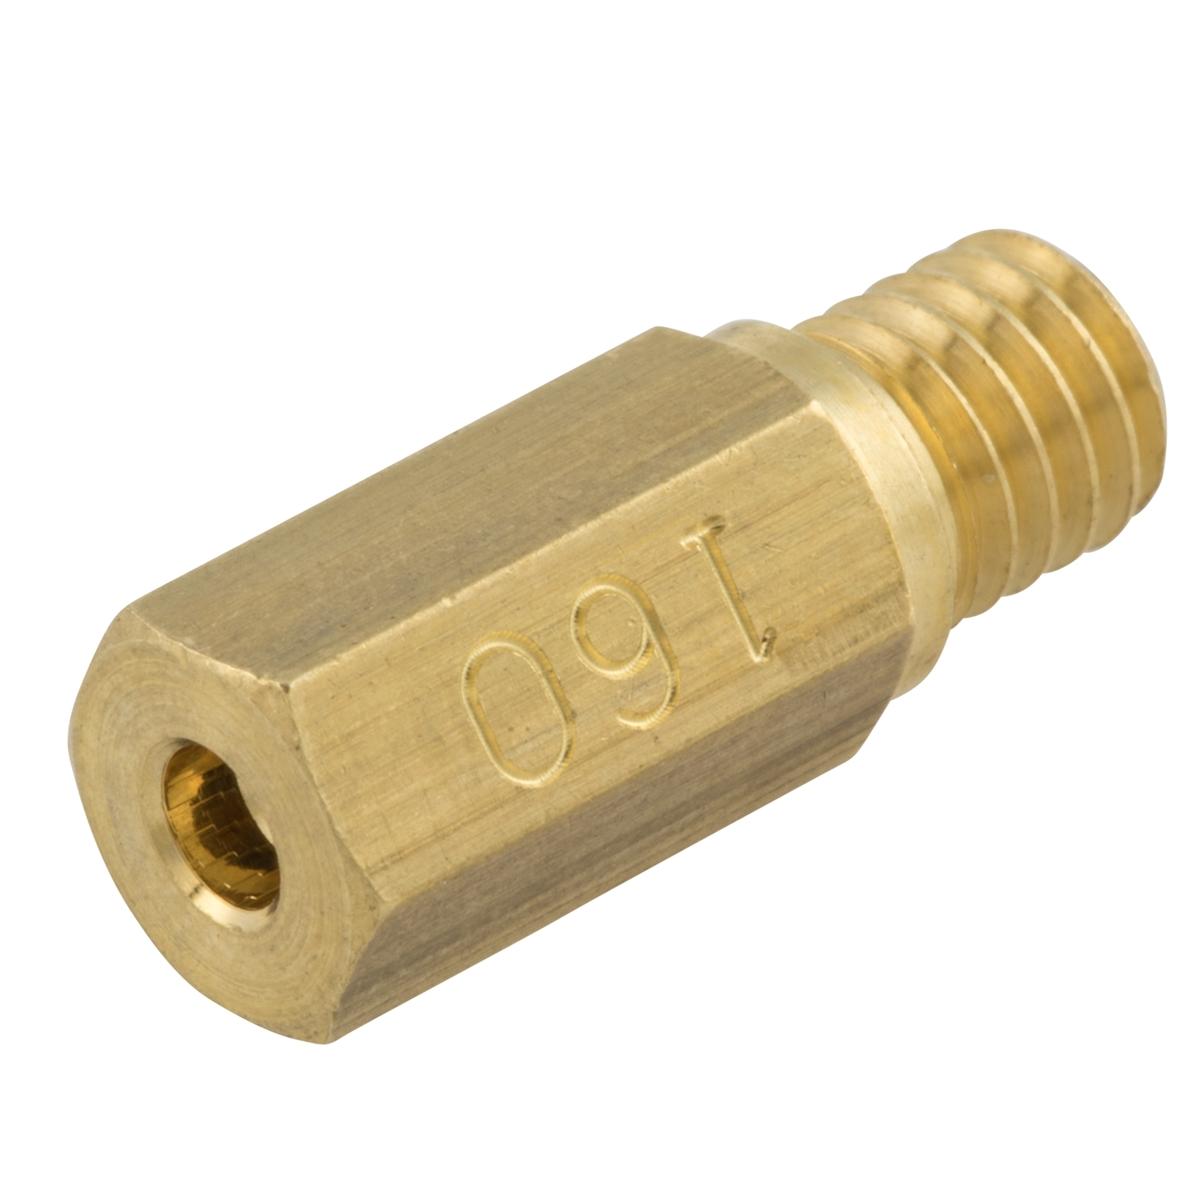 Image du produit 'Gicleur KMT 128 Ø 6 mm'